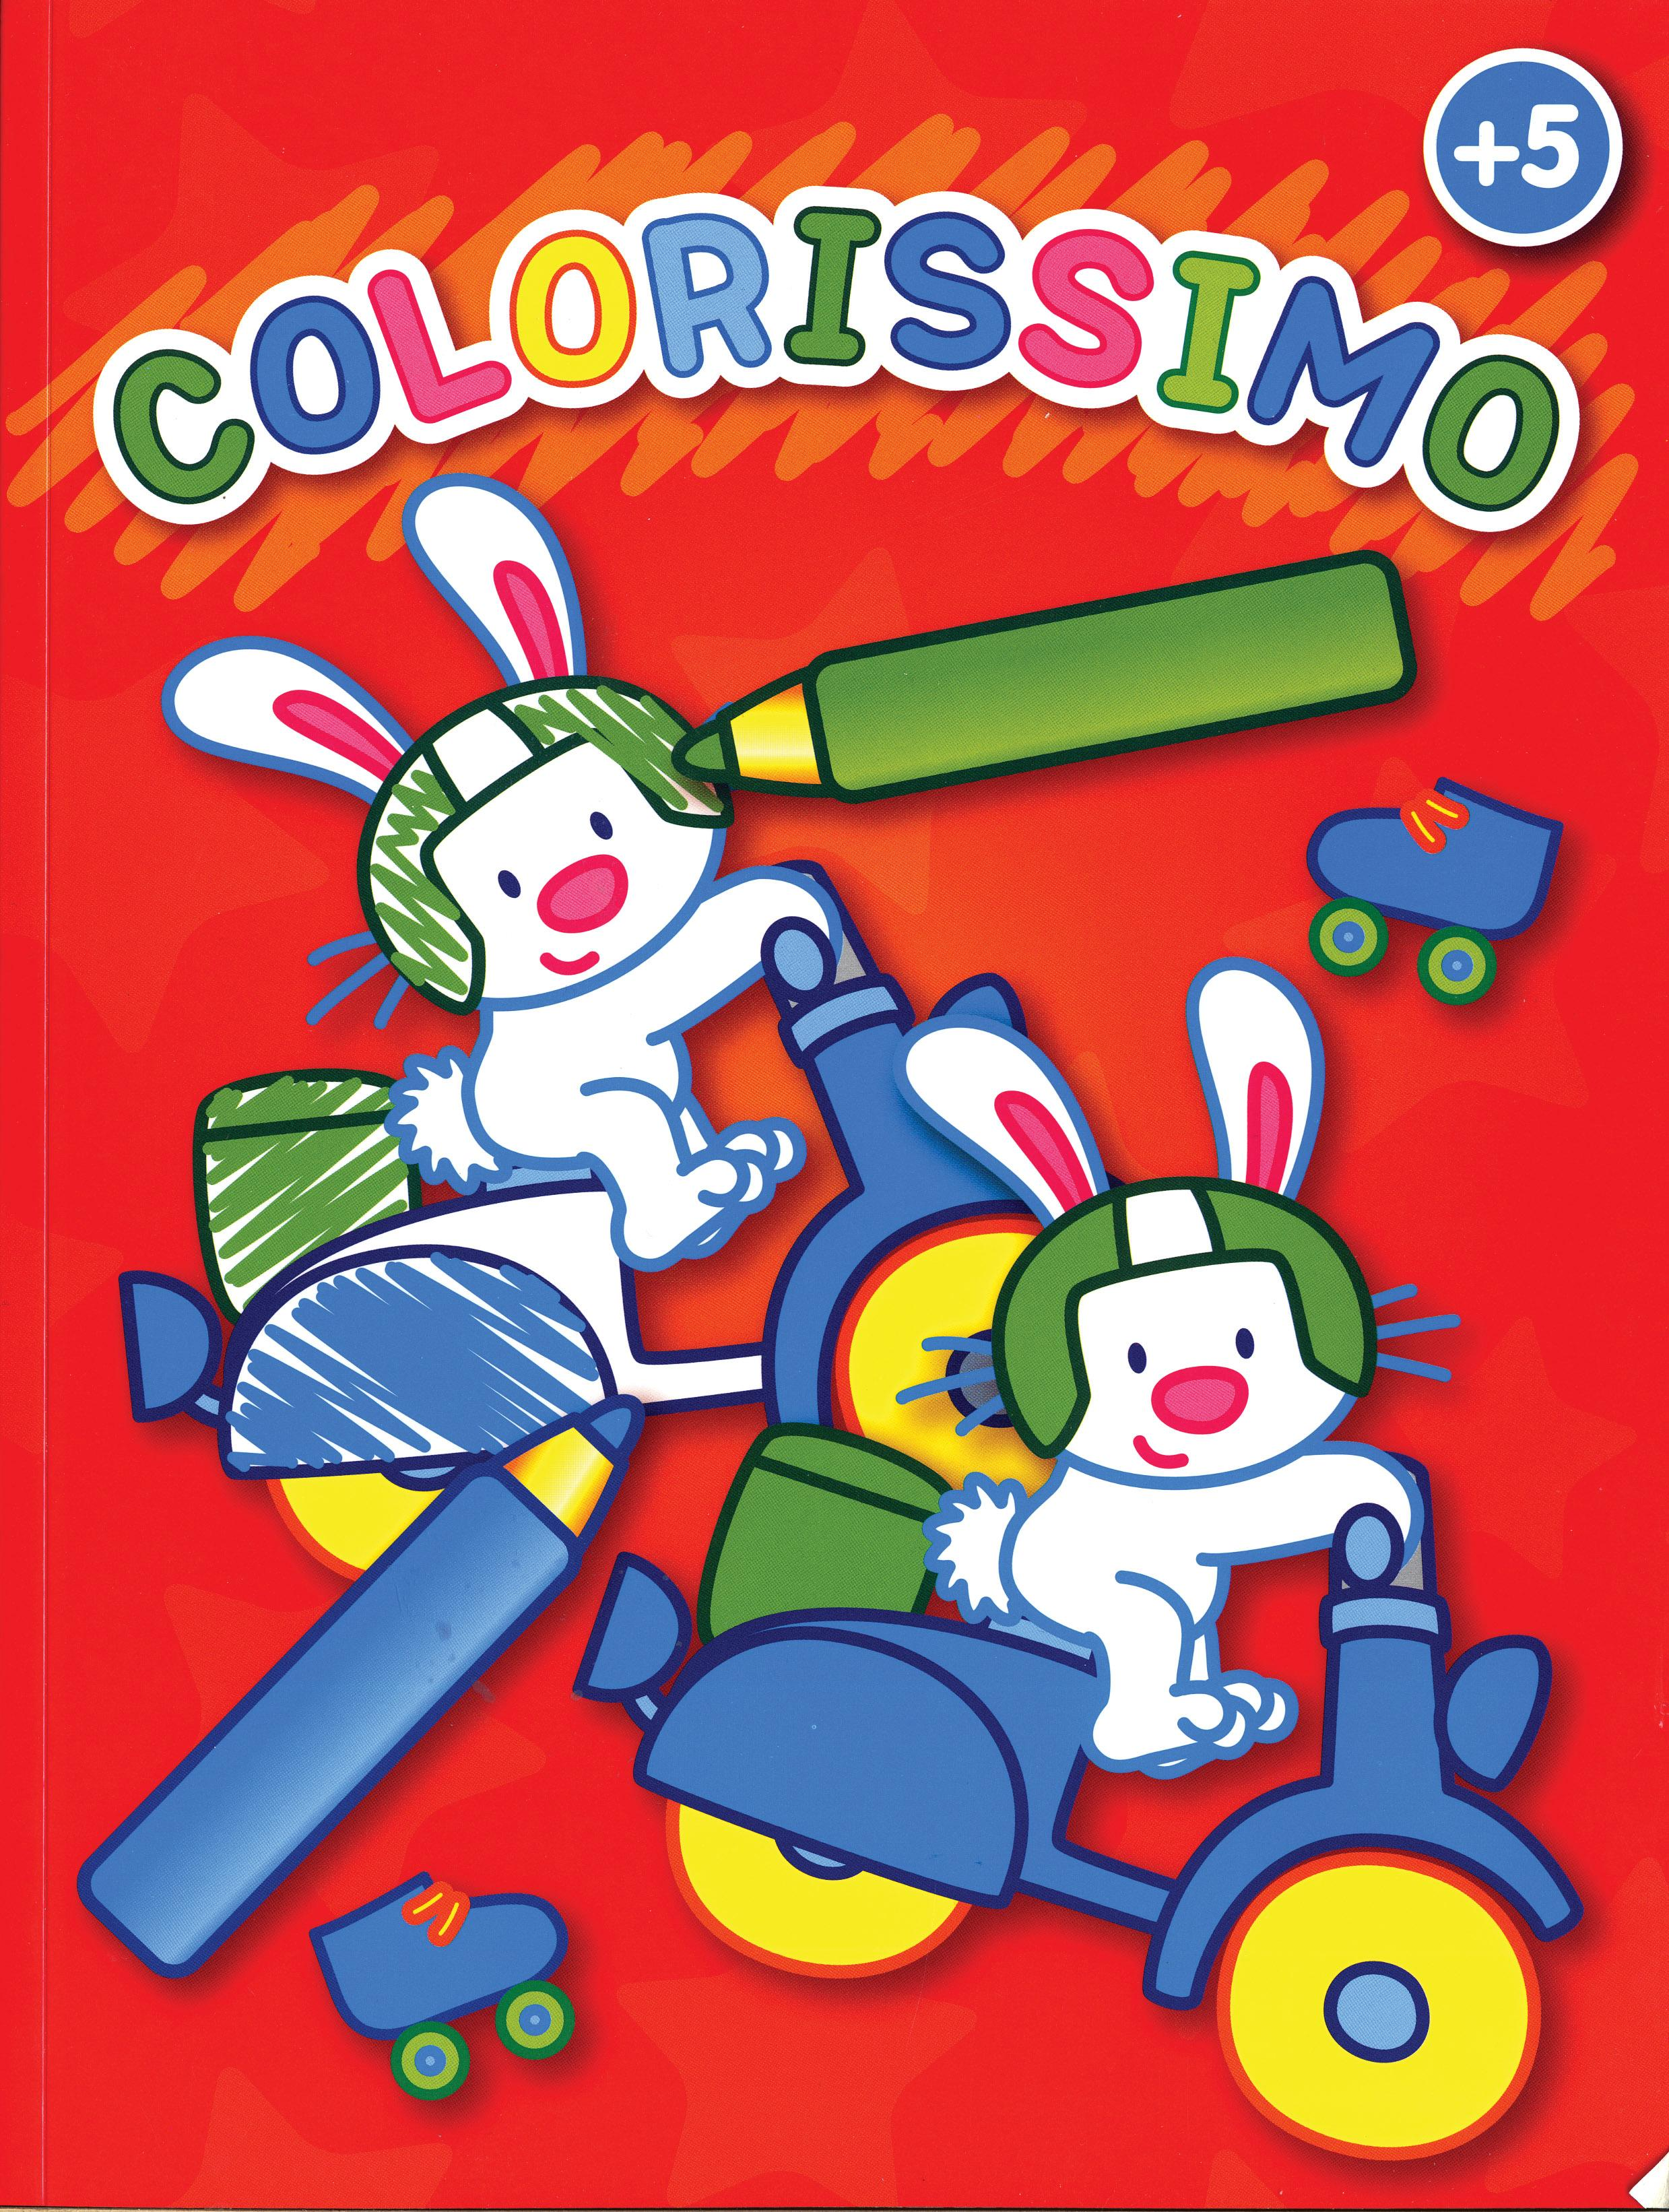 COLORISSIMO 5+